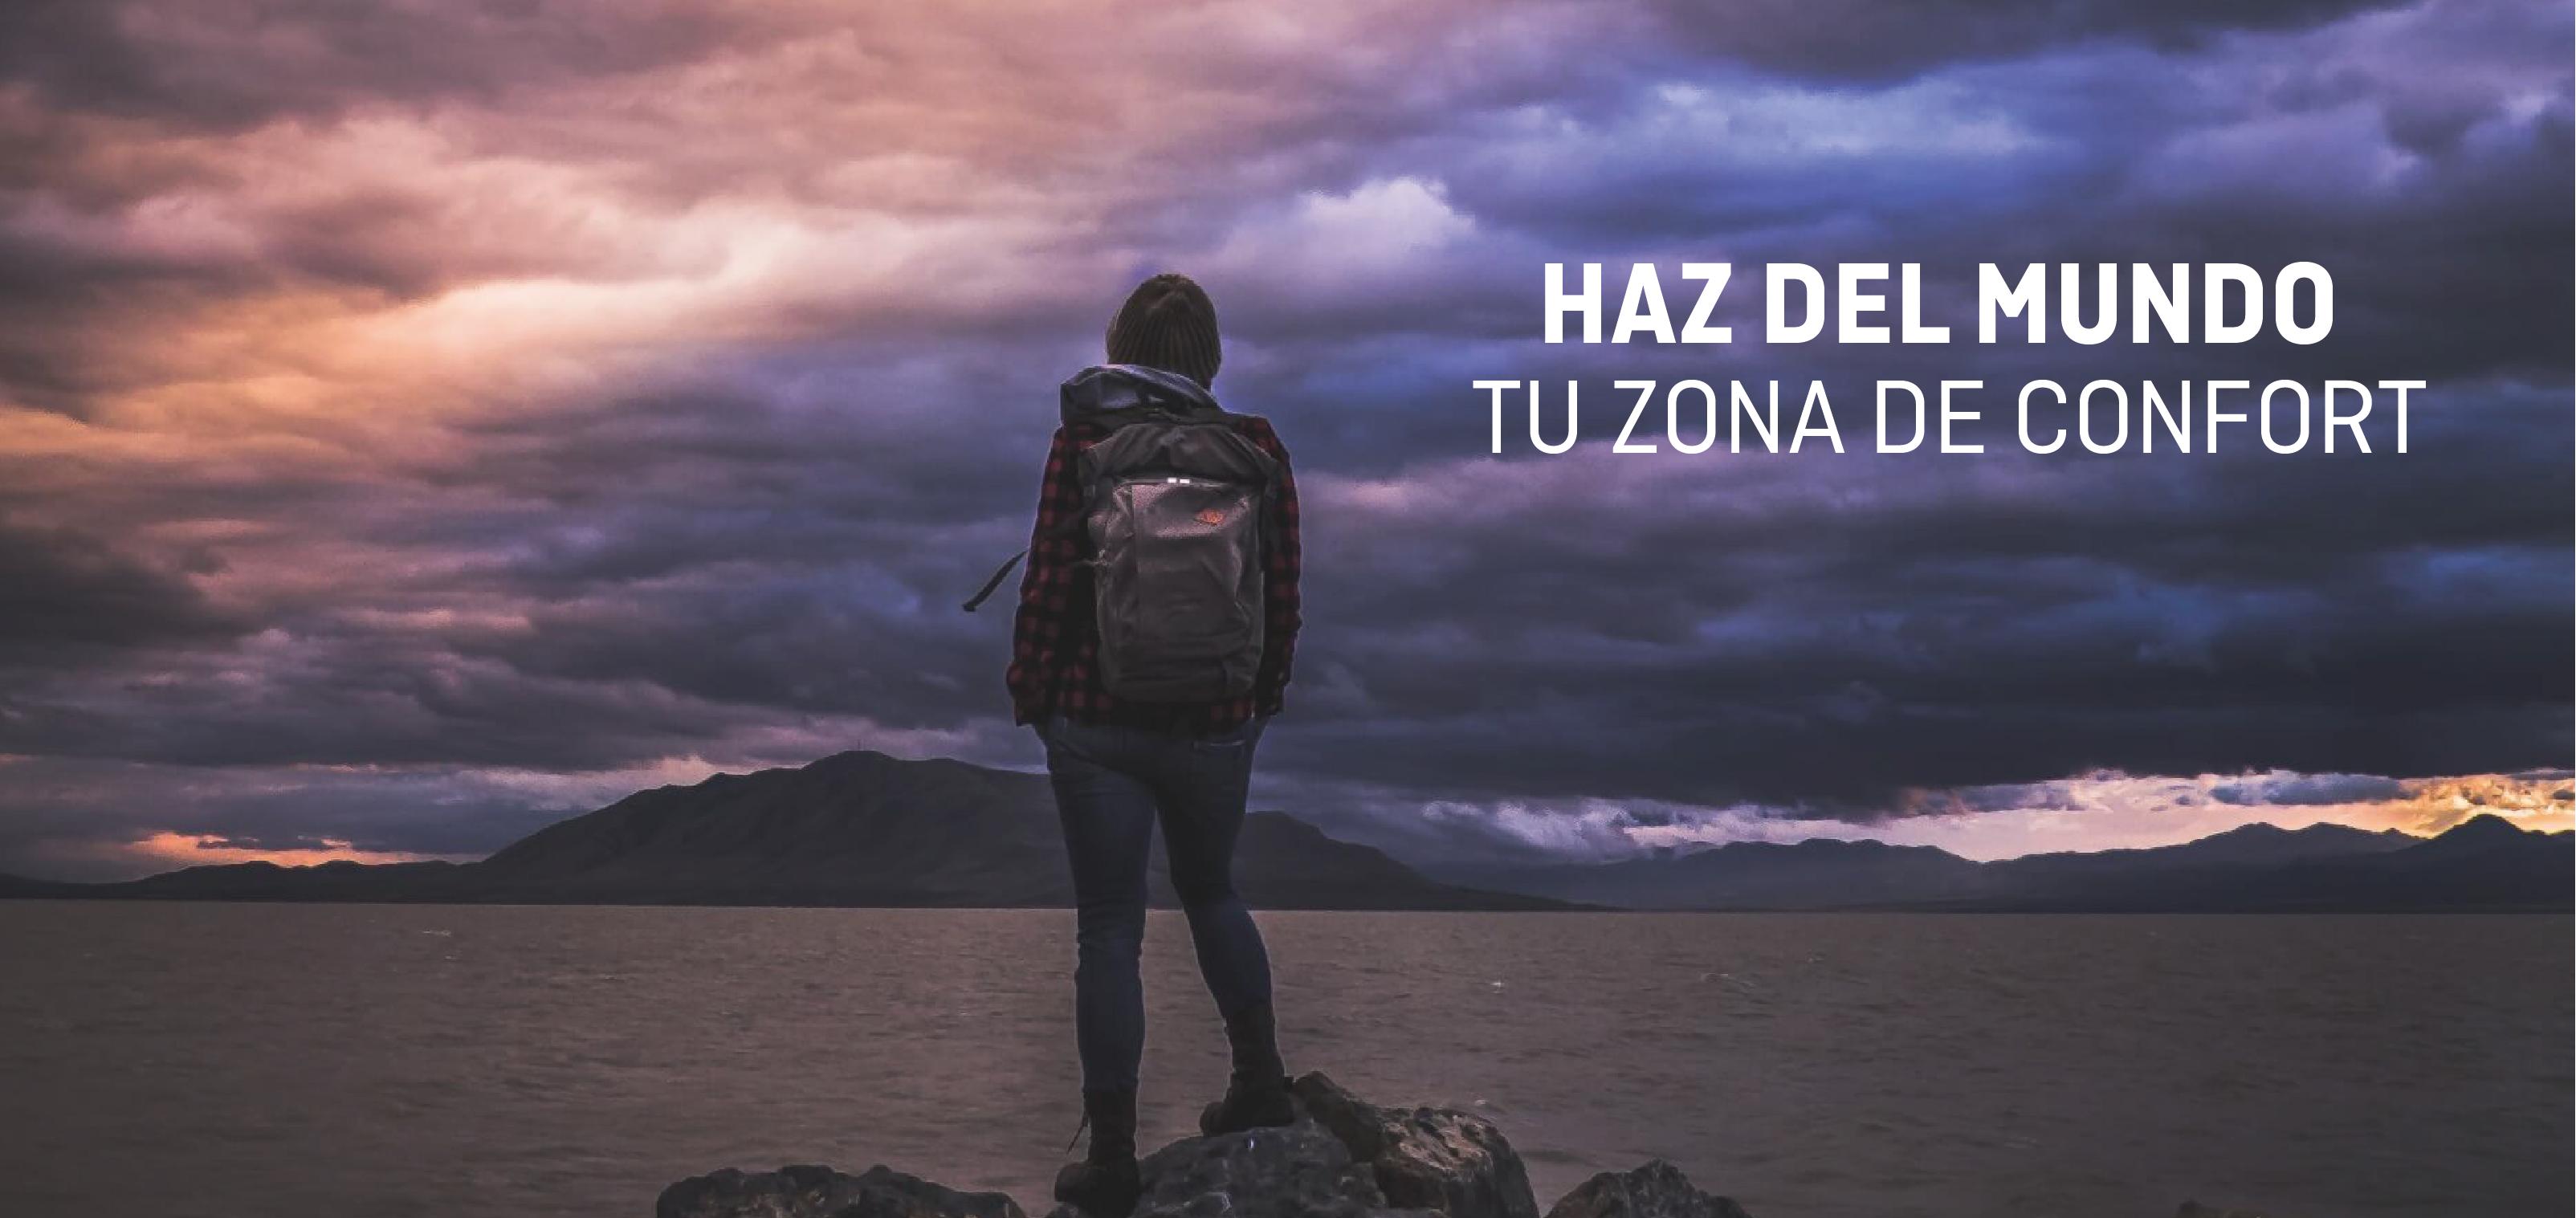 Haz del mundo tu zona de confort: pierde el miedo a viajar